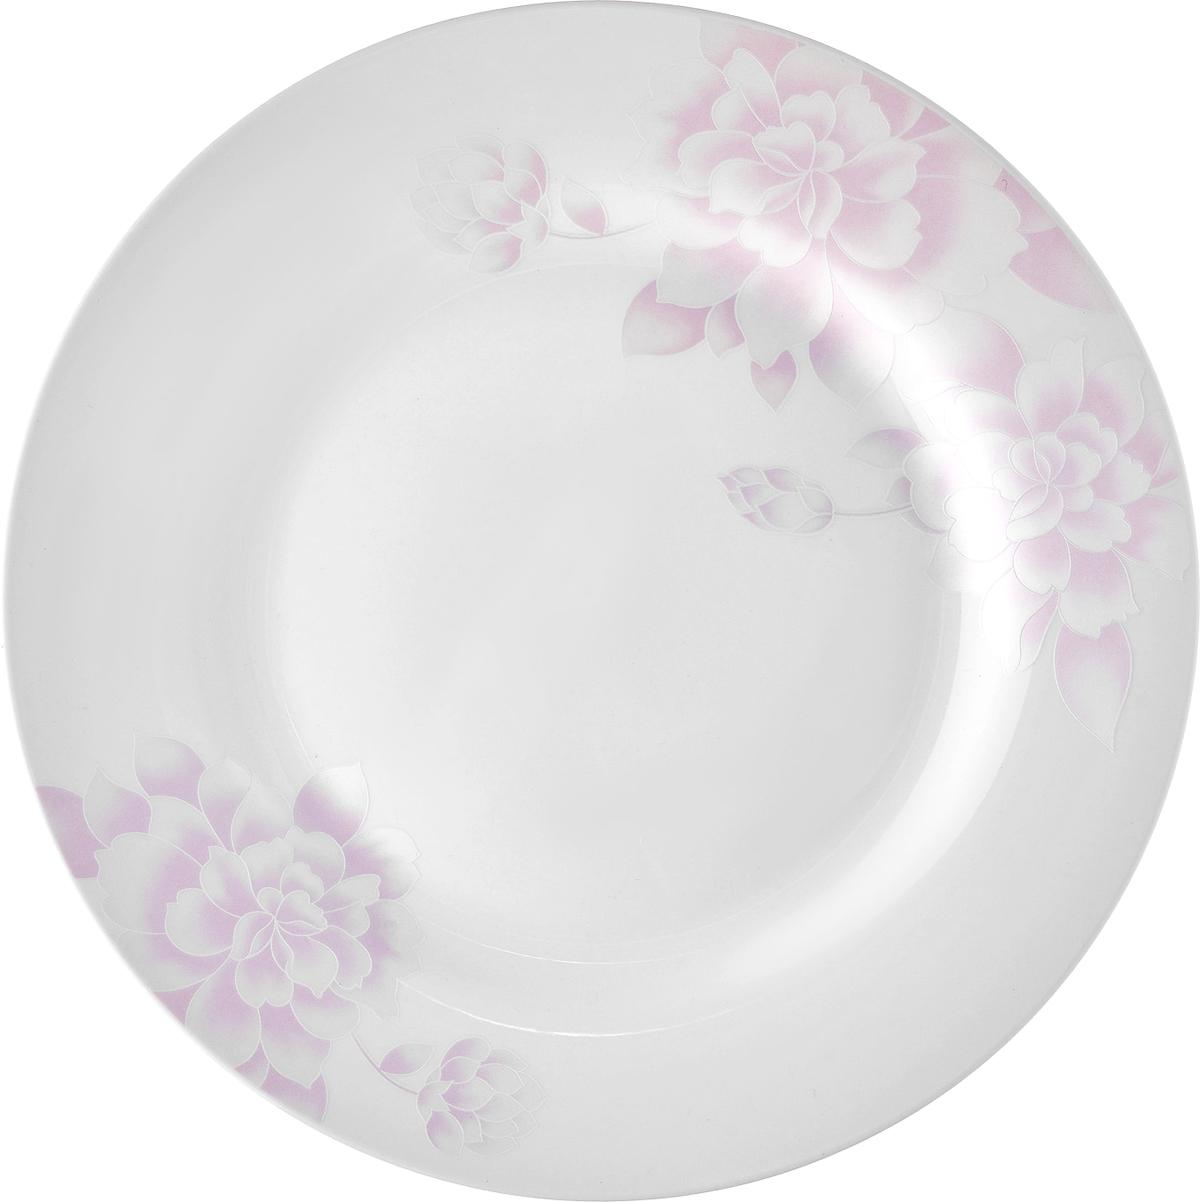 набор обеденных тарелок 6 шт, 22,5 см, костяной фарфор, Peonies, Esprado, PEO022PE301